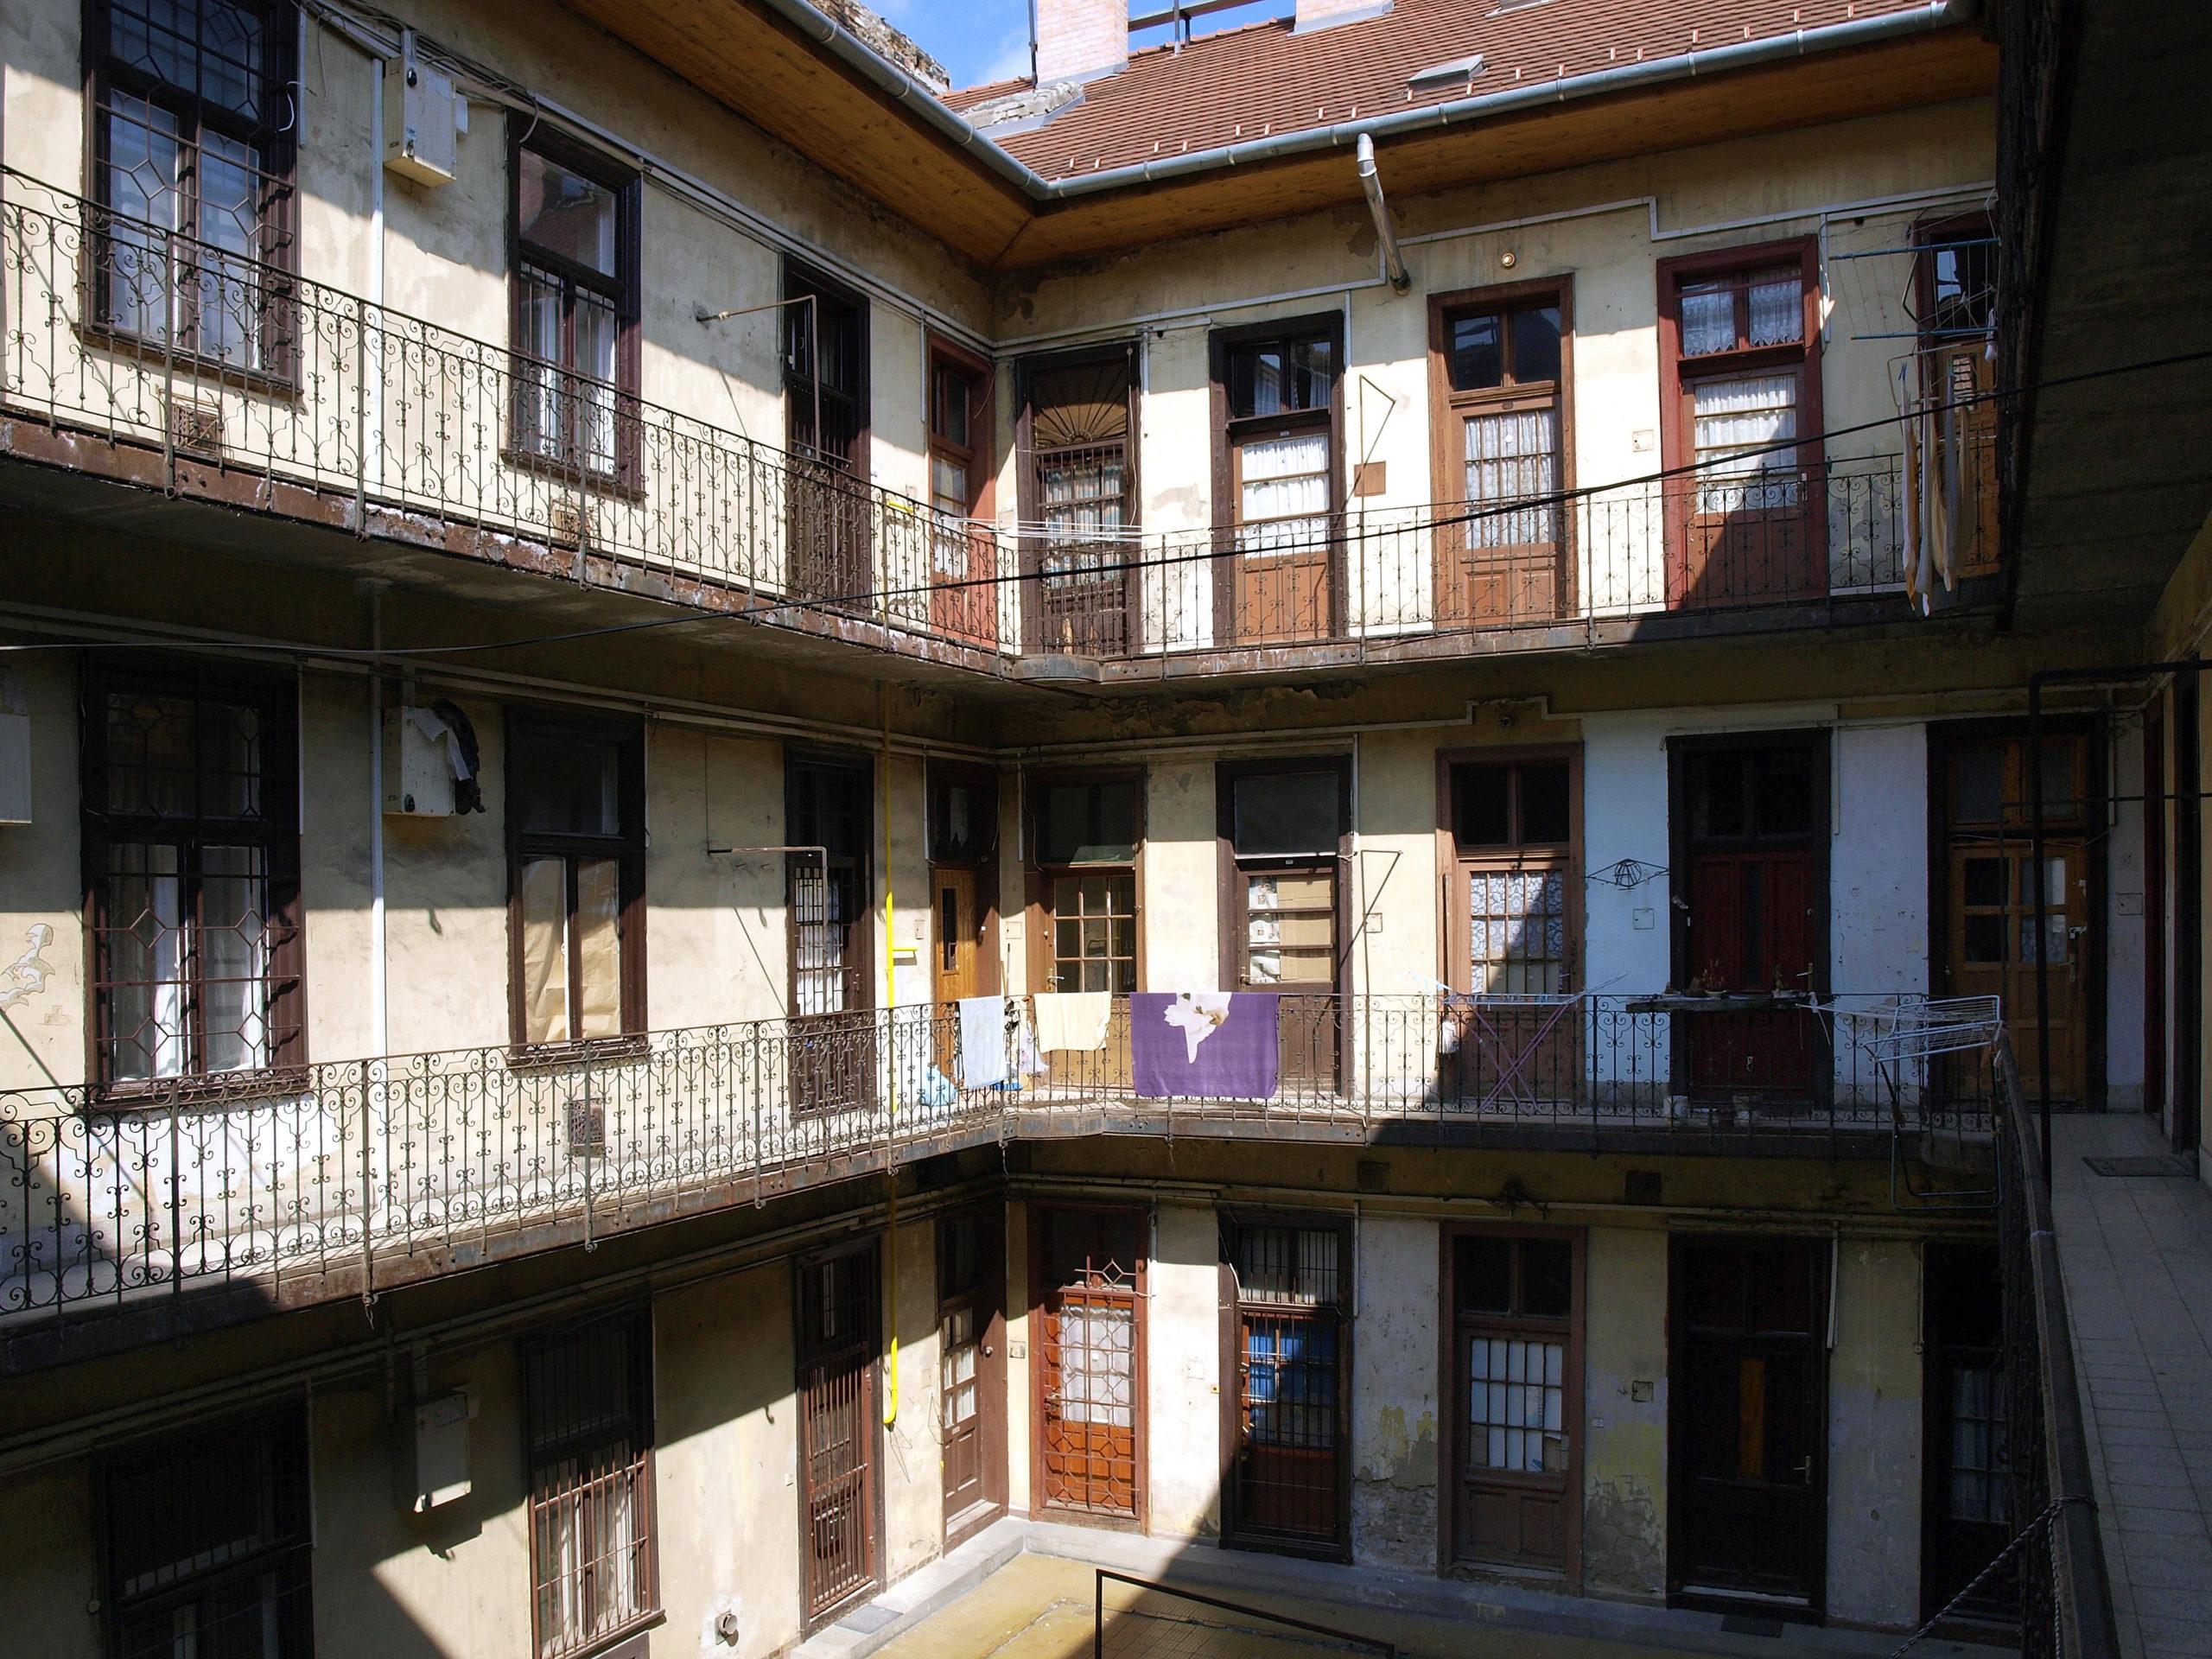 Nem mindegy, hogy egy több lakásból álló ingatlanban milyenek a jogi viszonyok Fotó: MTVA/Váli Miklós